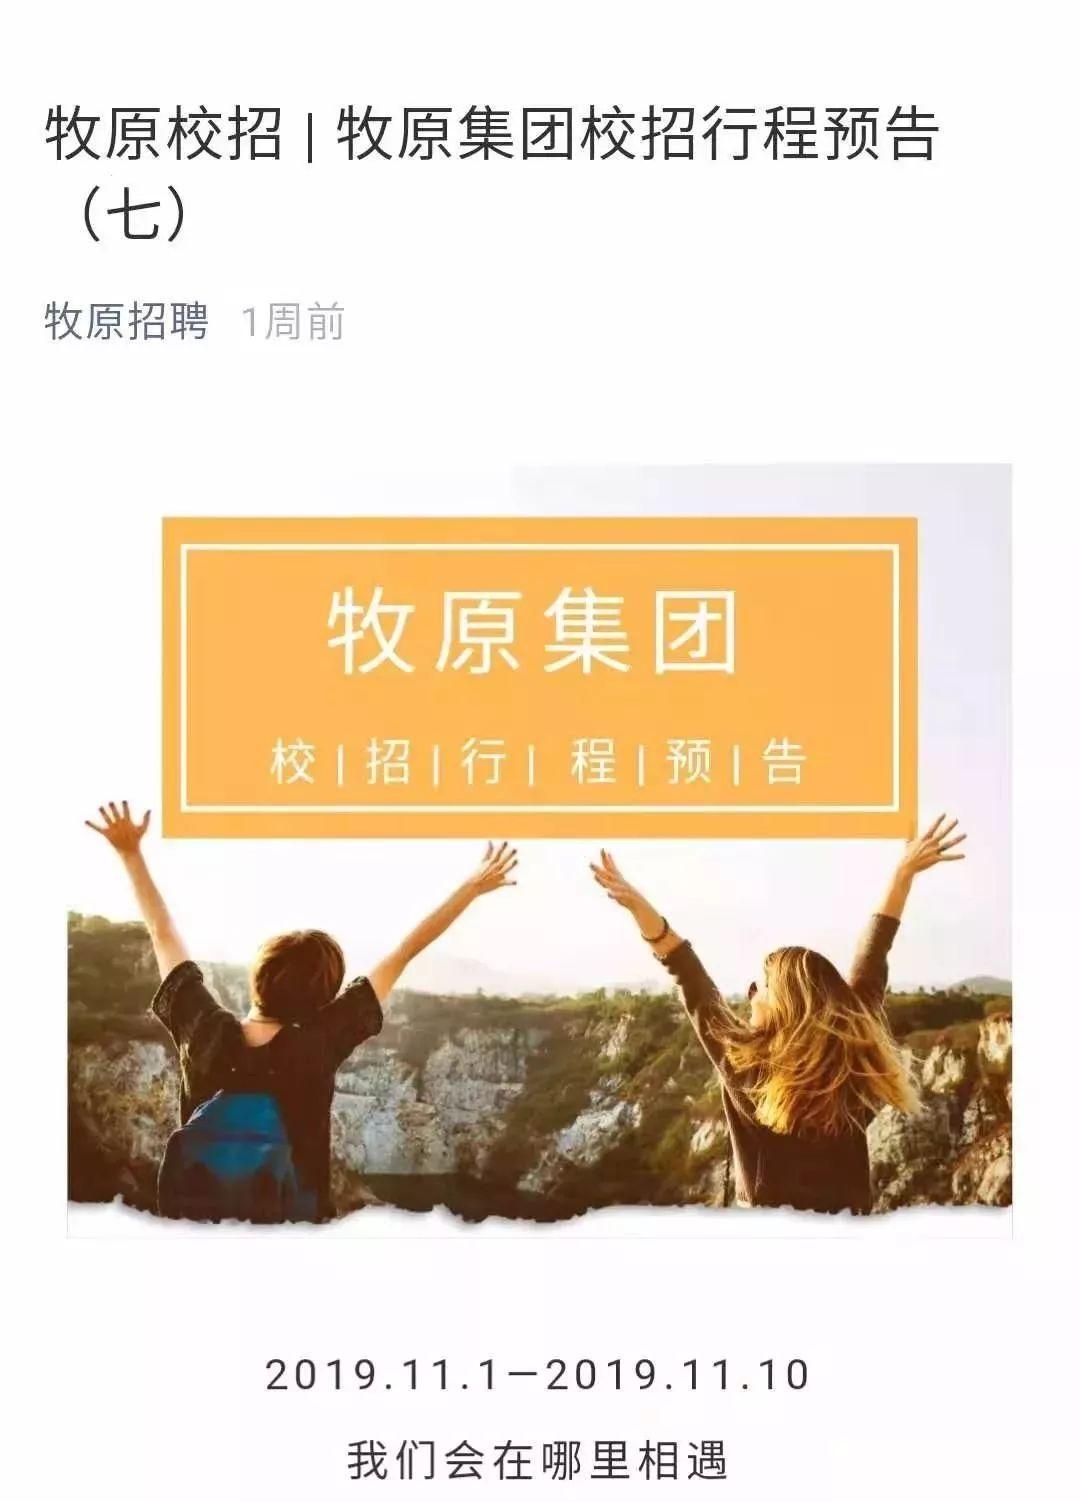 银河娛乐城网站,美零售业全面滑铁卢:销量下滑、关店裁员、股票抛售